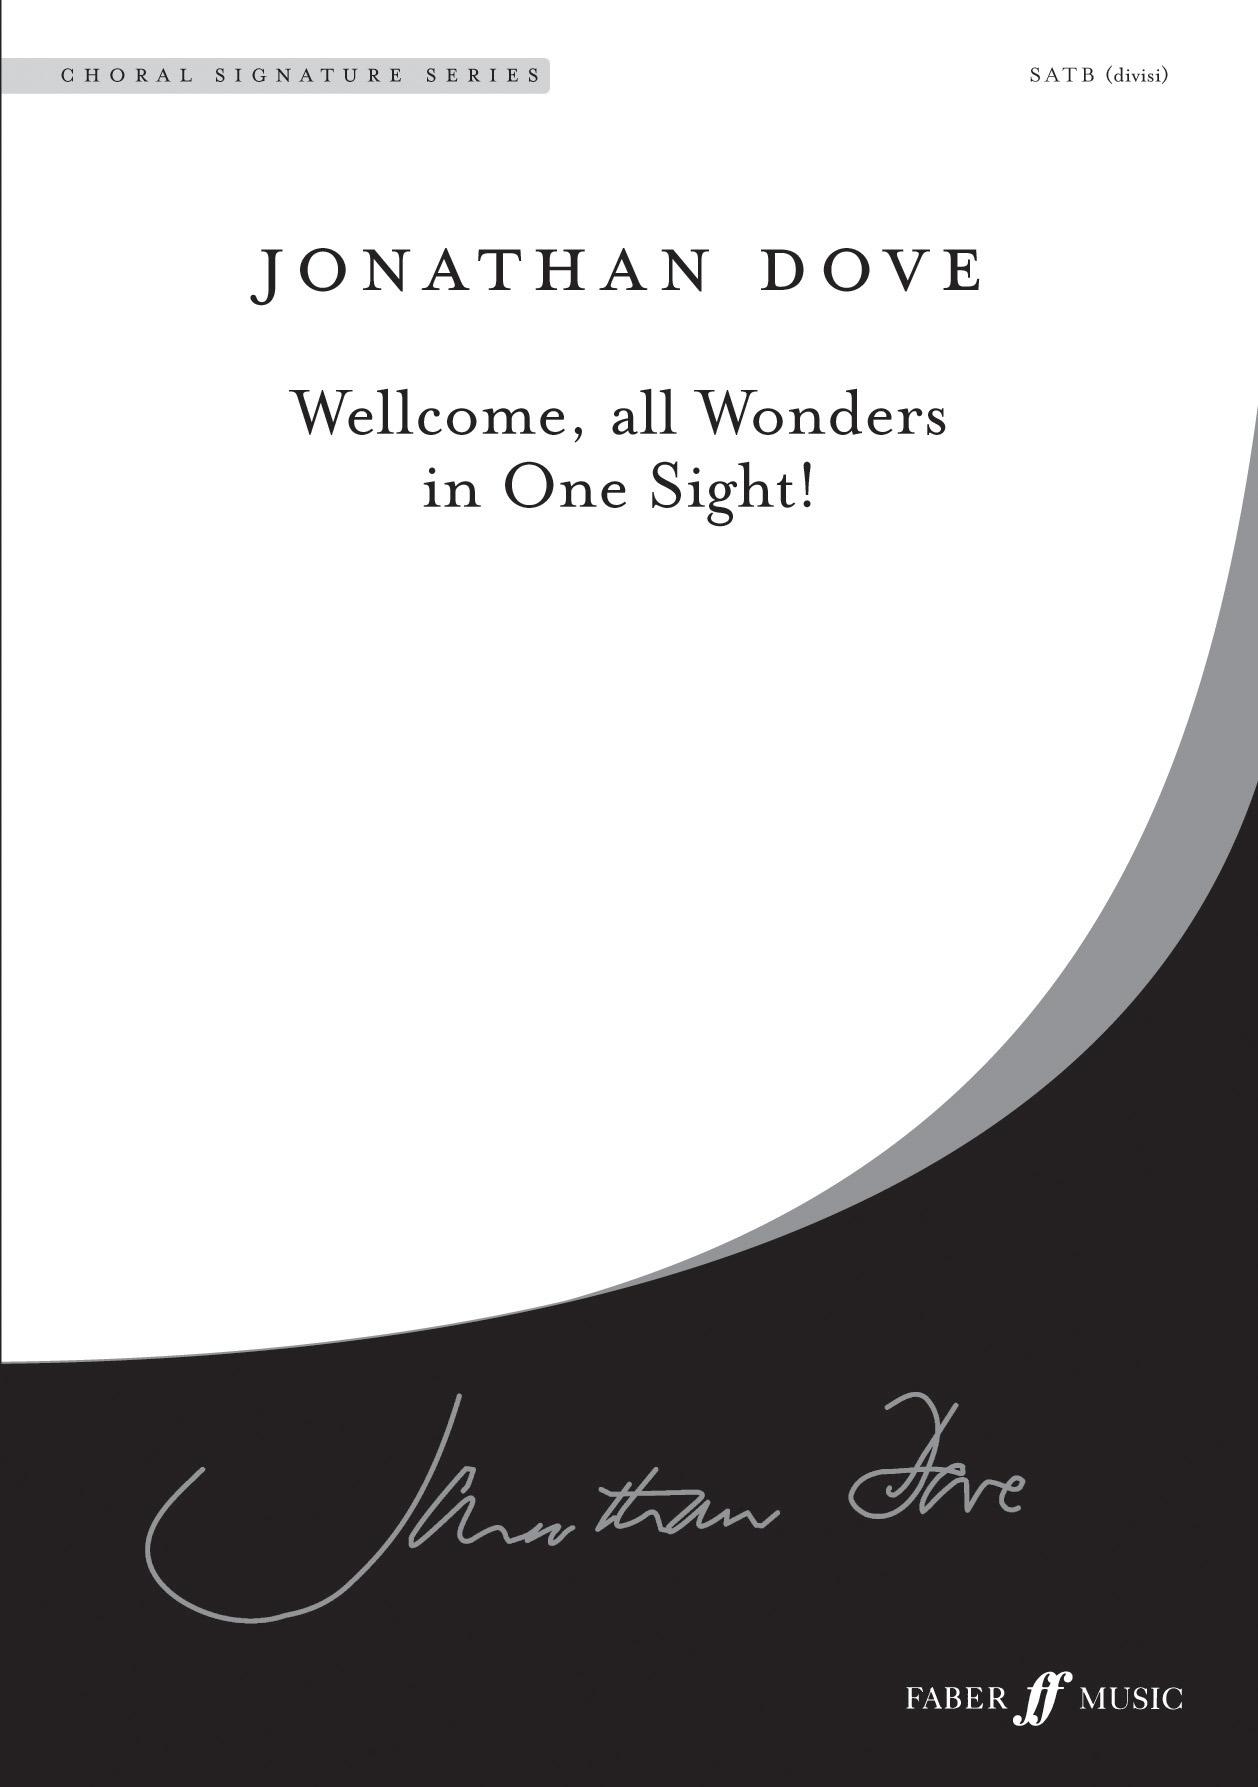 Jonathan Dove: Wellcome: SATB: Vocal Score